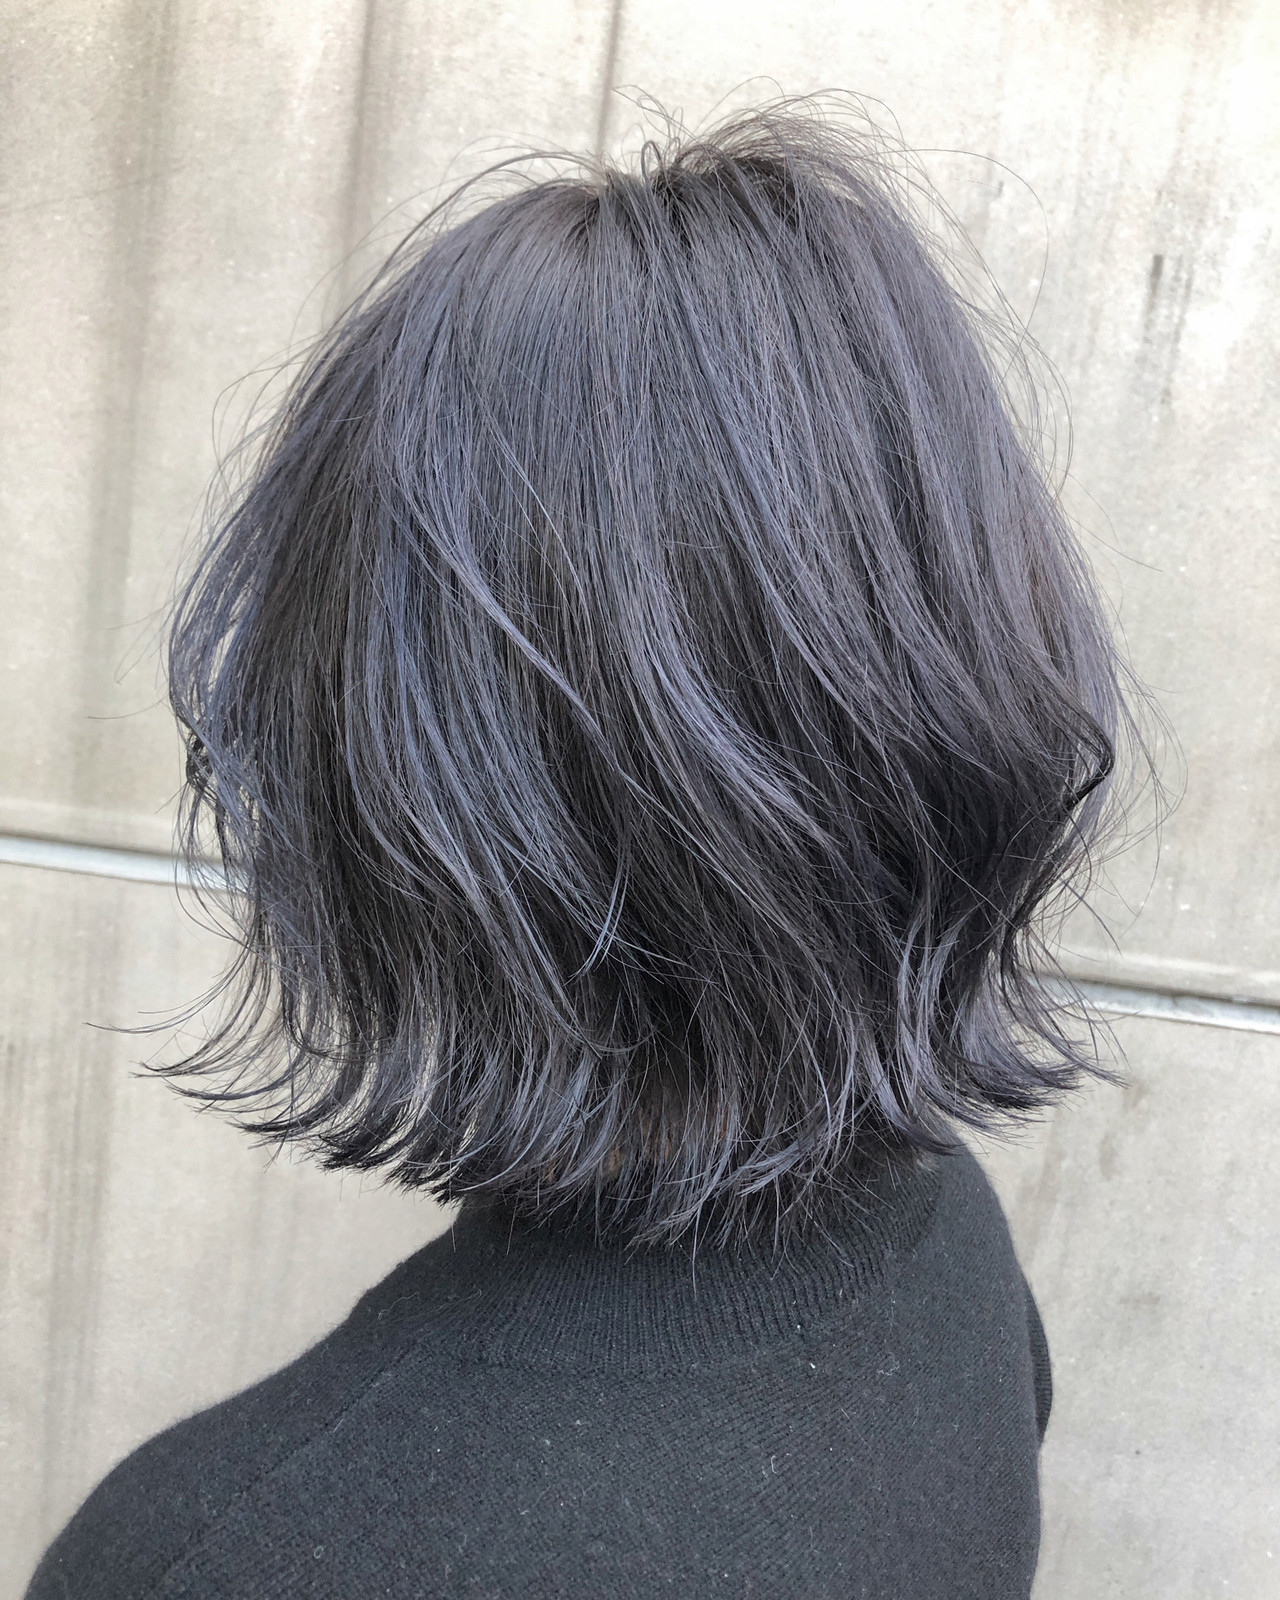 結婚式 アンニュイほつれヘア モード 簡単ヘアアレンジ ヘアスタイルや髪型の写真・画像